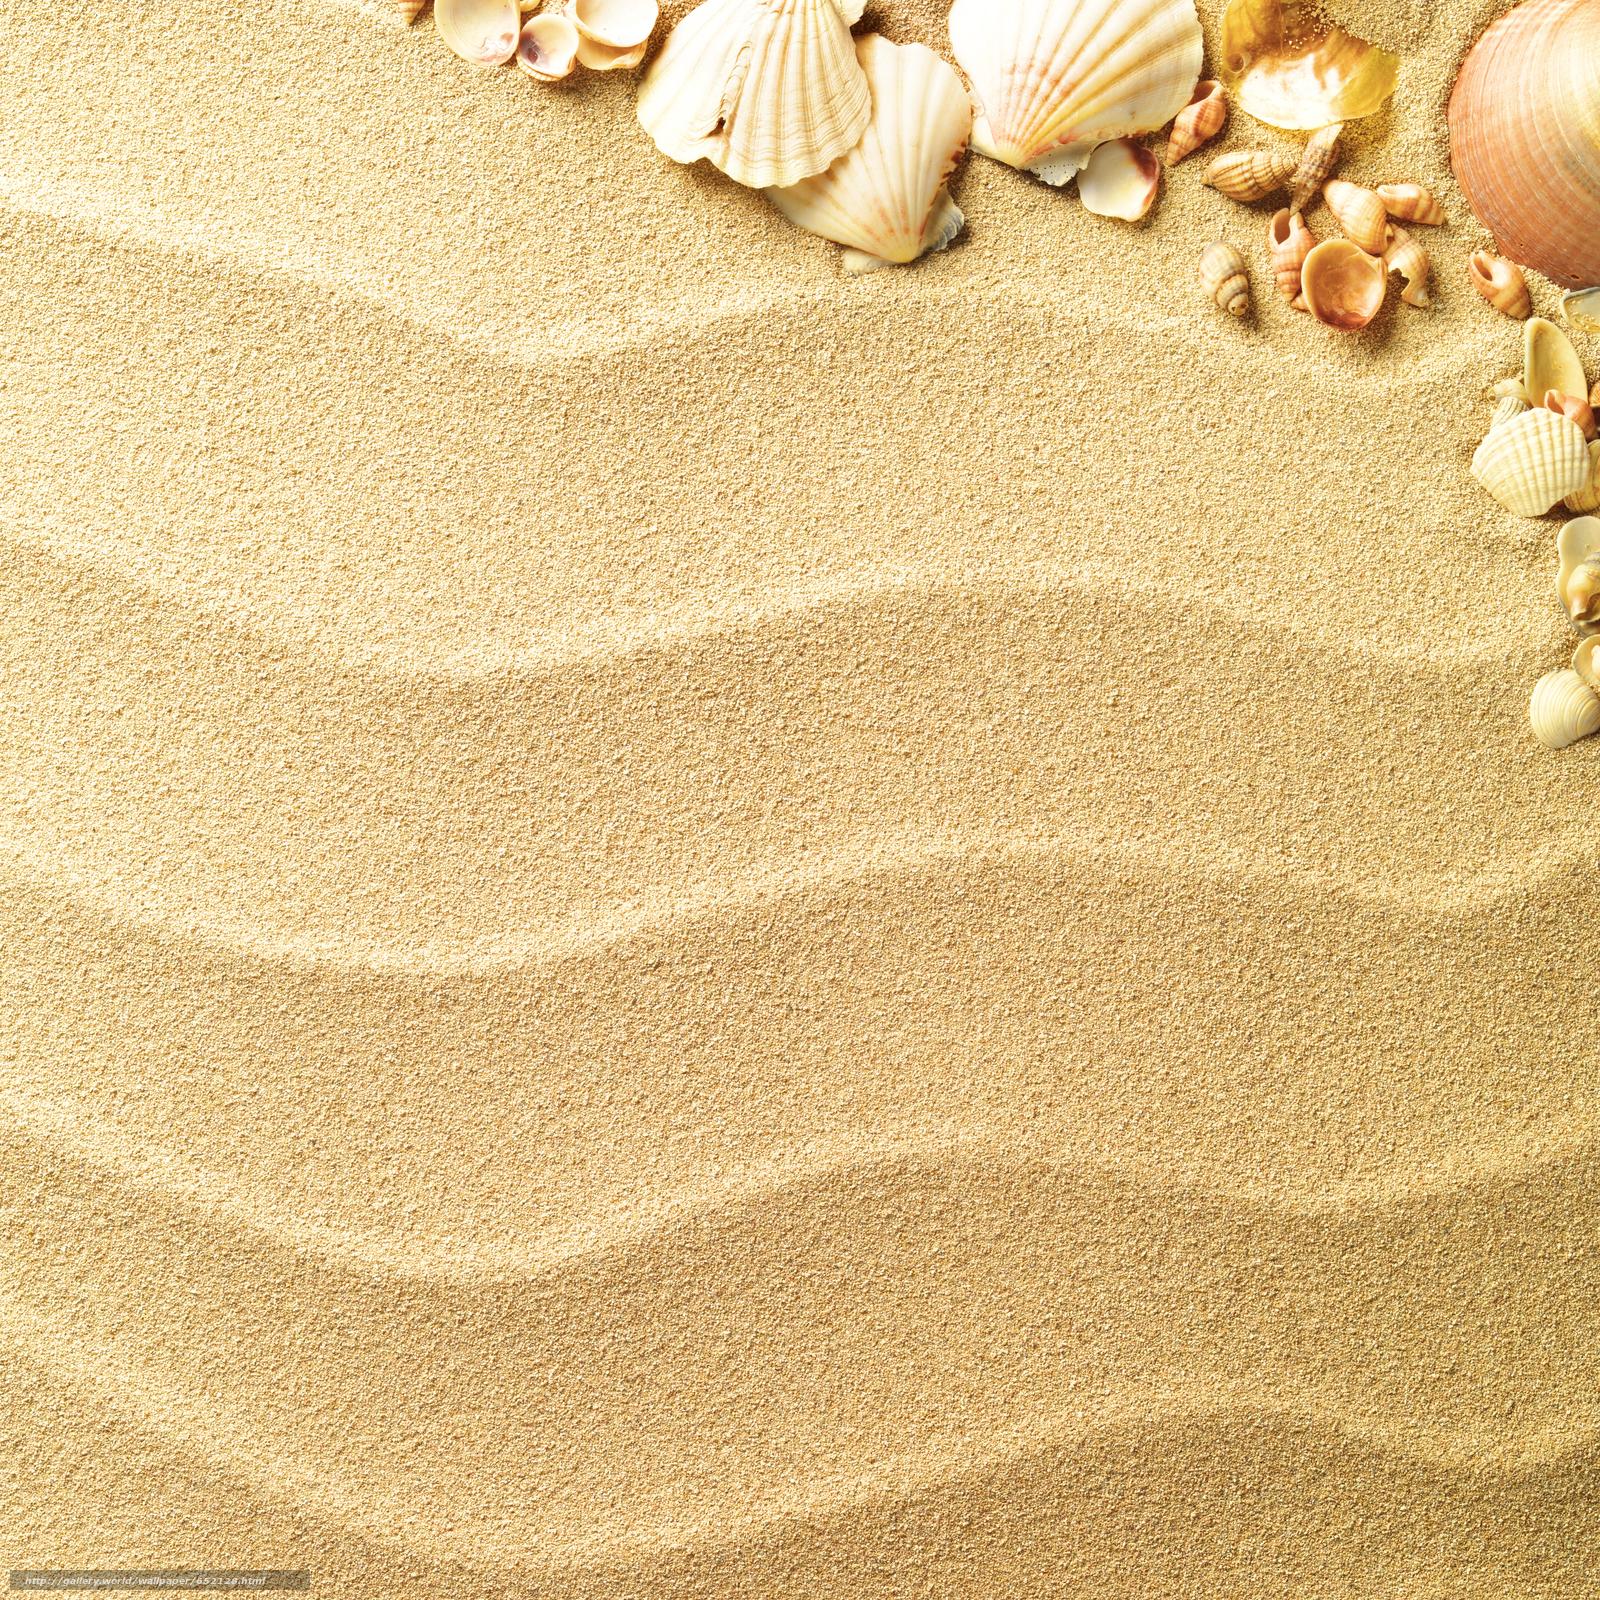 壁紙をダウンロード Texture テクスチャー 貝殻 砂 デスクトップの解像度のための無料壁紙 4646x4646 絵